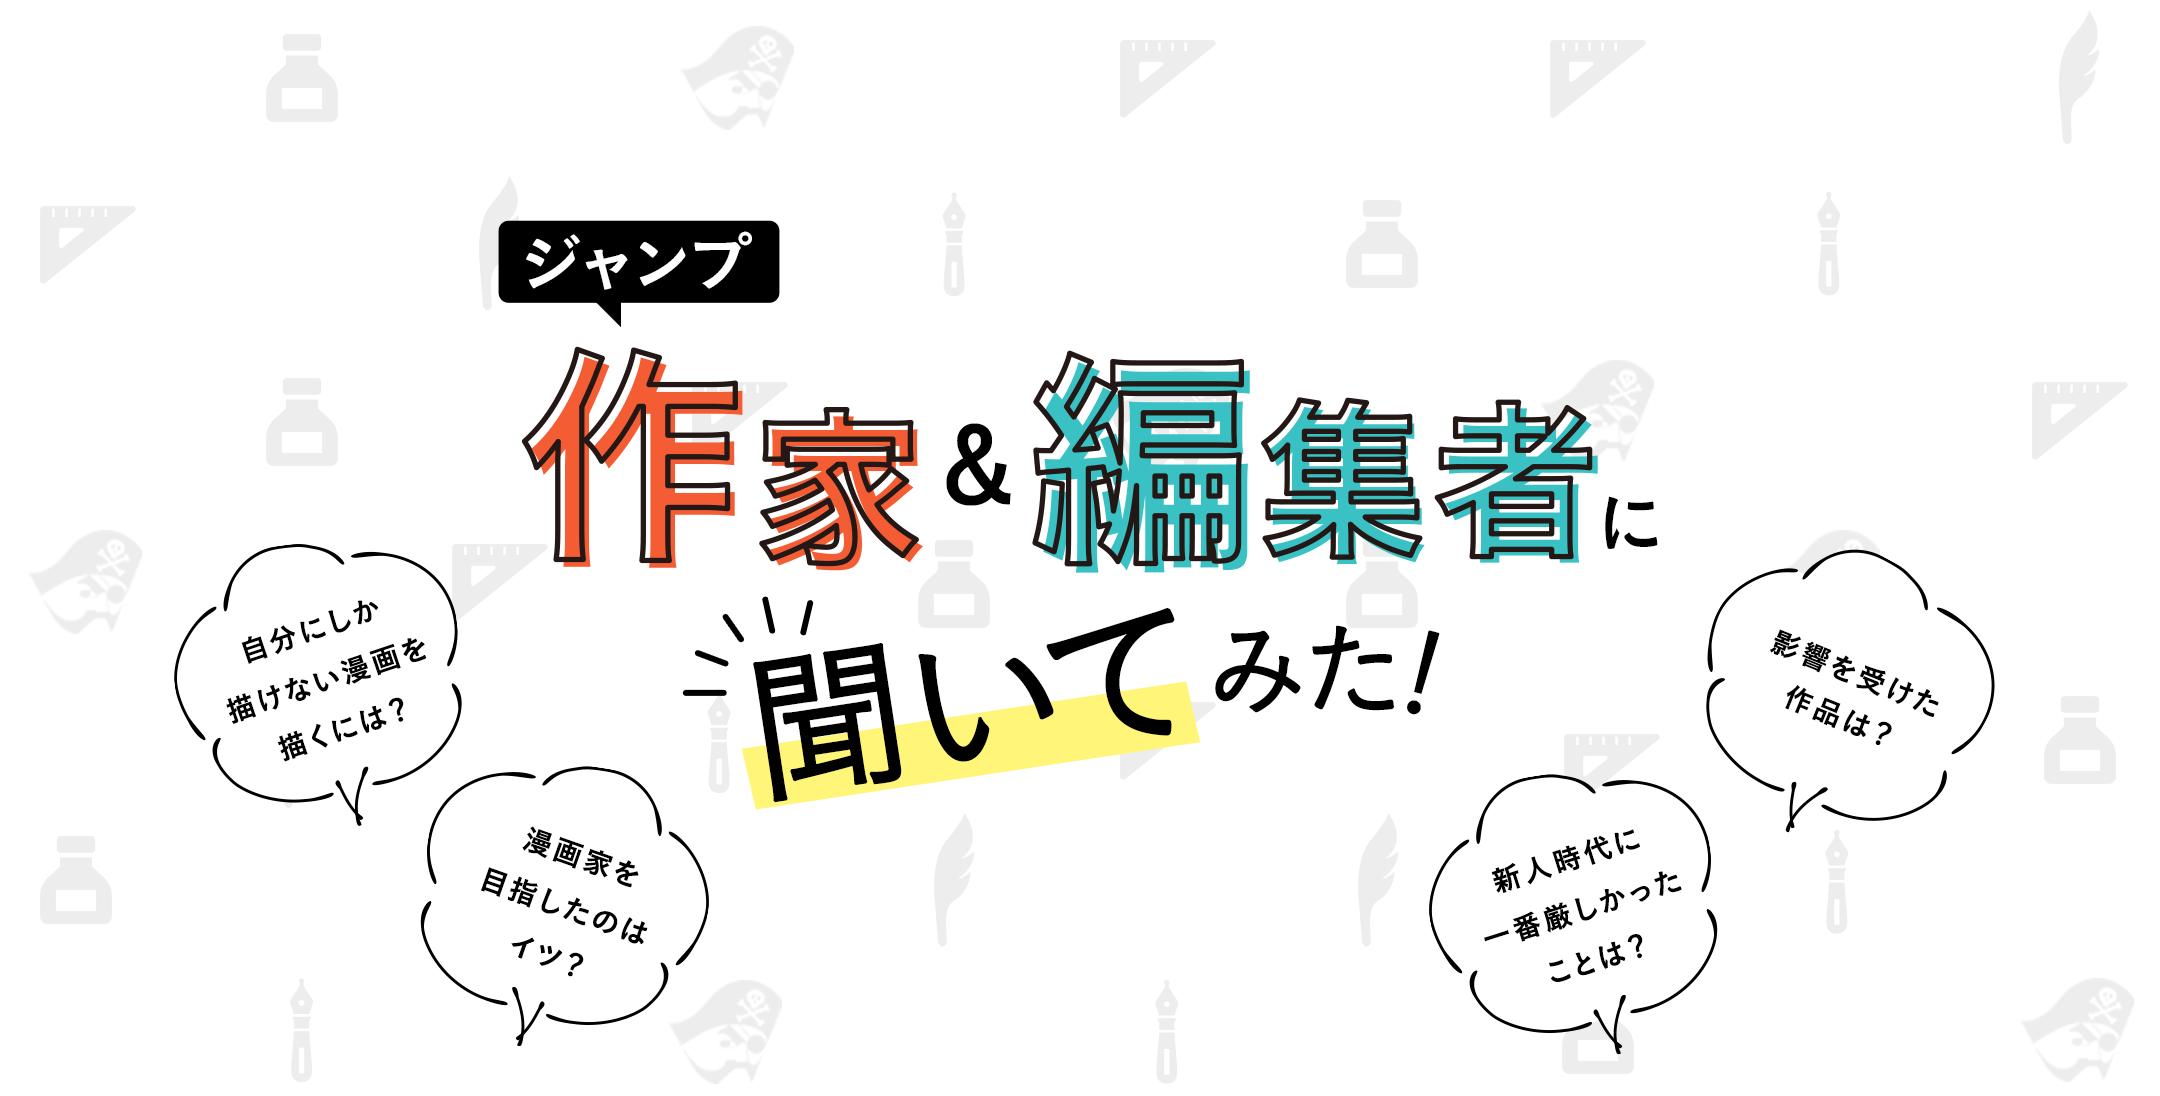 作家・編集者対談企画